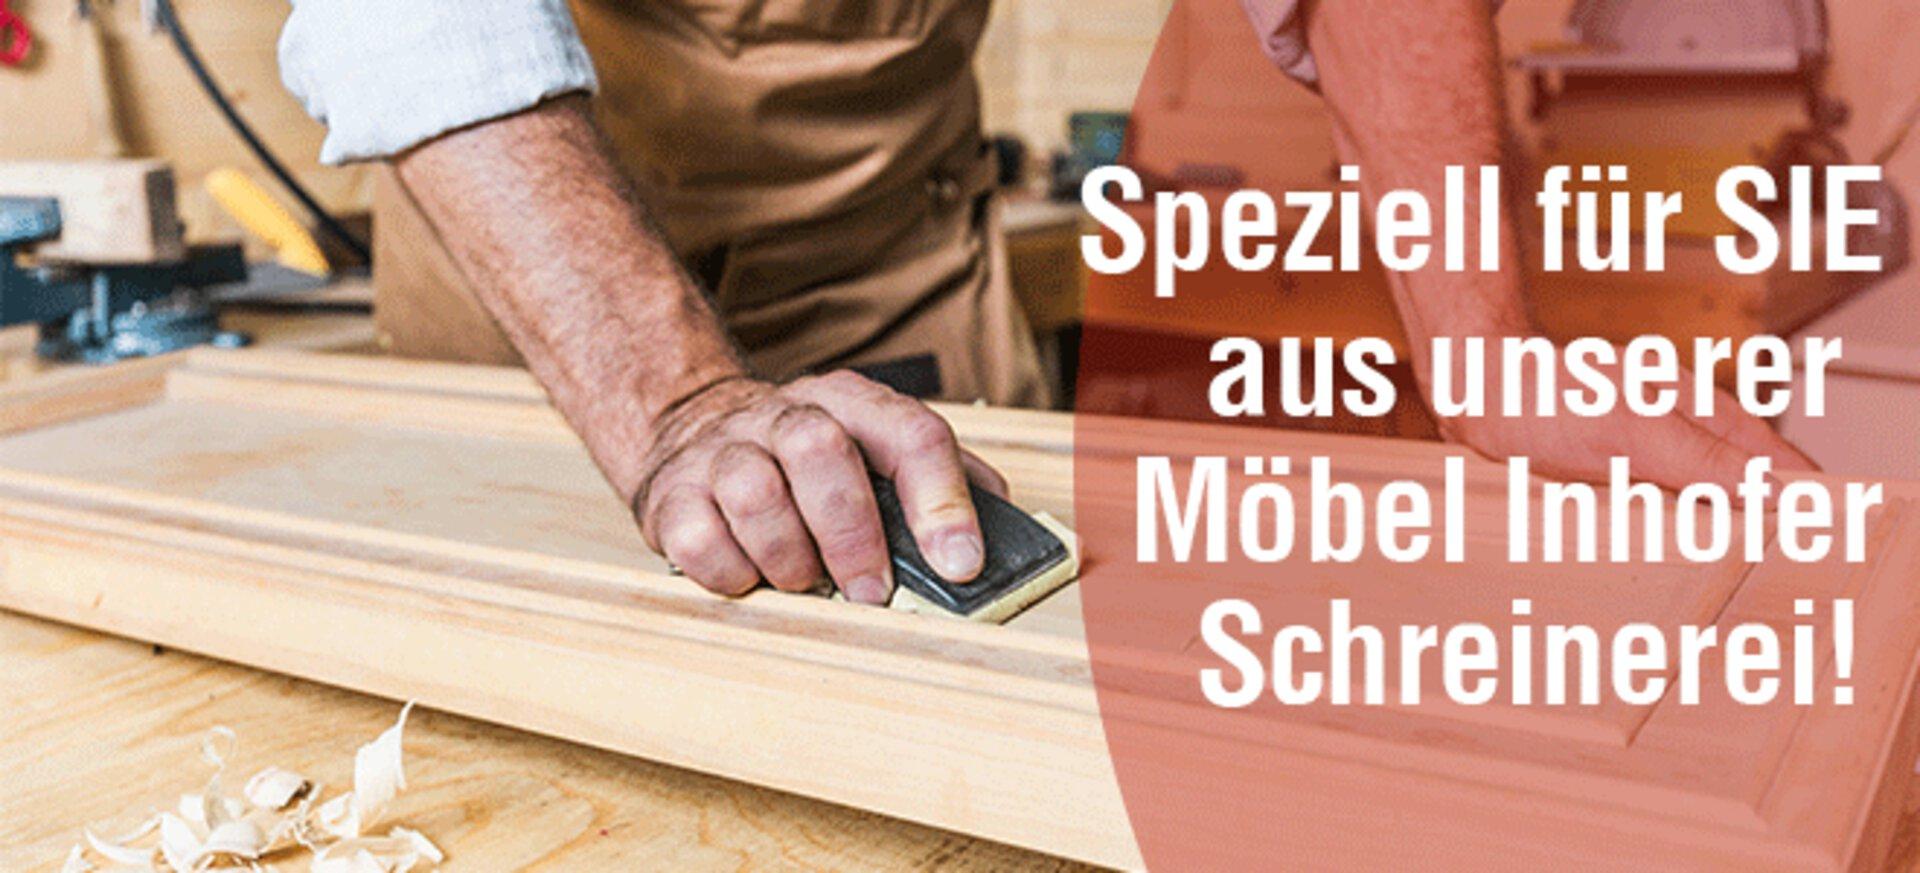 """Banner: Speziell für Sie aus unserer Möbel Inhofer Schreinerei!"""""""